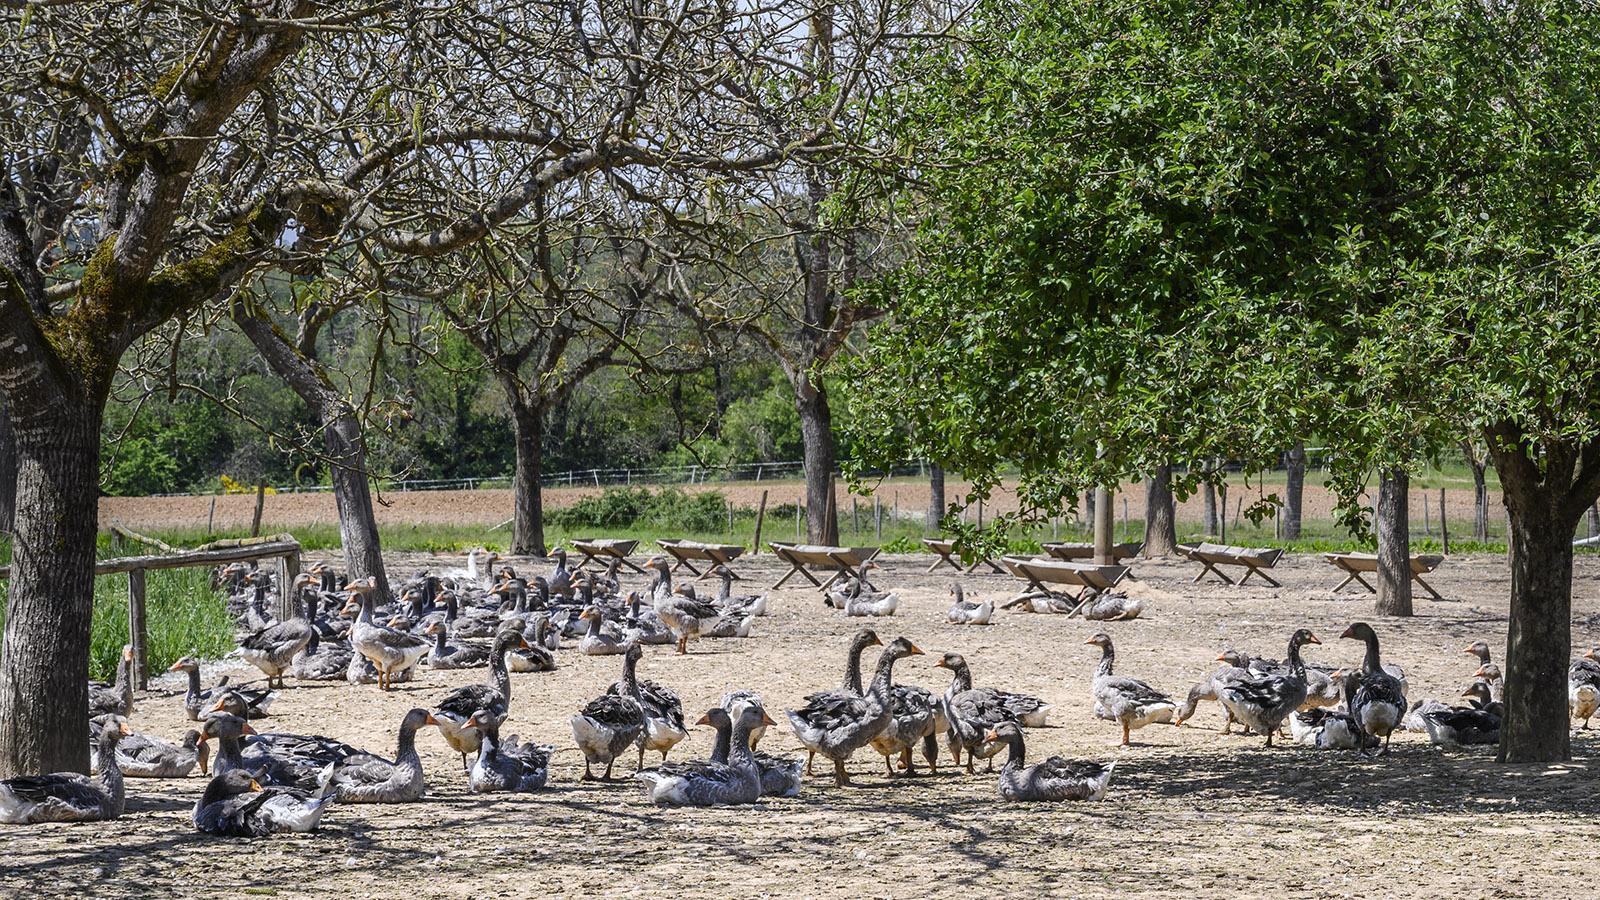 Überall im Périgord werden Gänse und Enten in weiten Freilaufgehegen gezüchtet für die Spezialitäten der Region – confit, magret und foie gras. Foto: Hilke Maunder